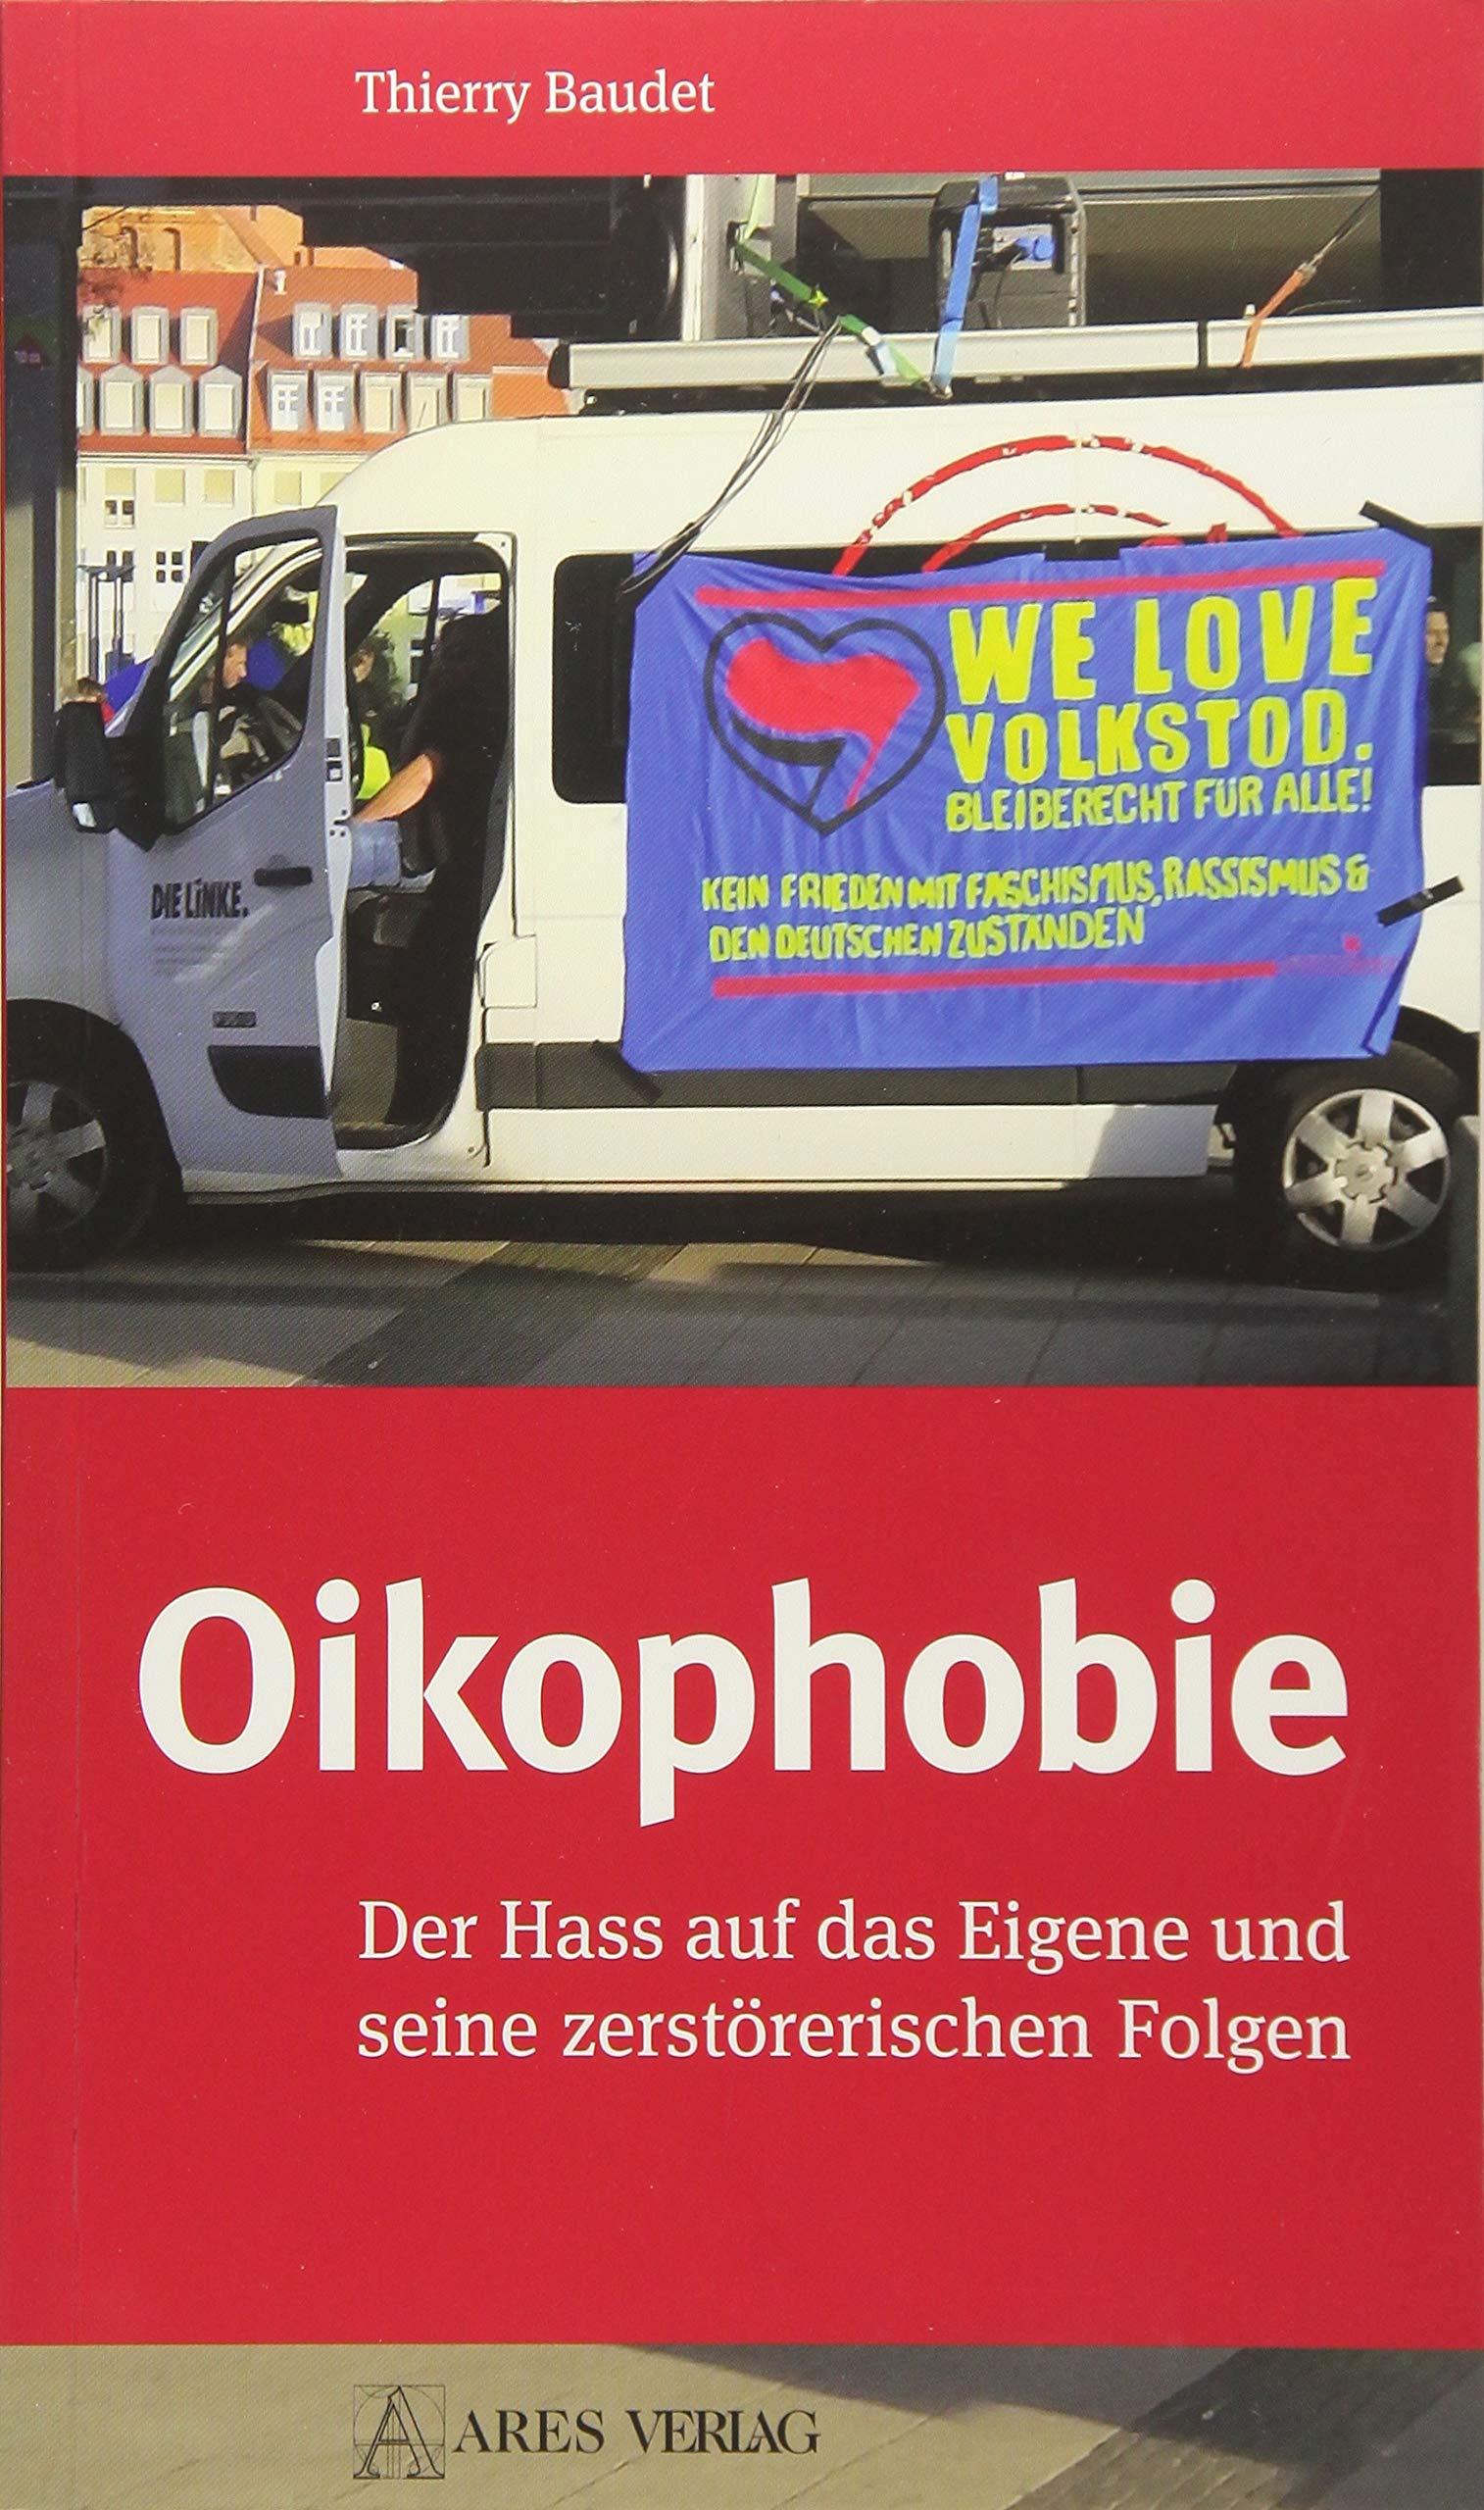 Oikophobie: Der Hass auf das Eigene und seine zerstörerischen Folgen